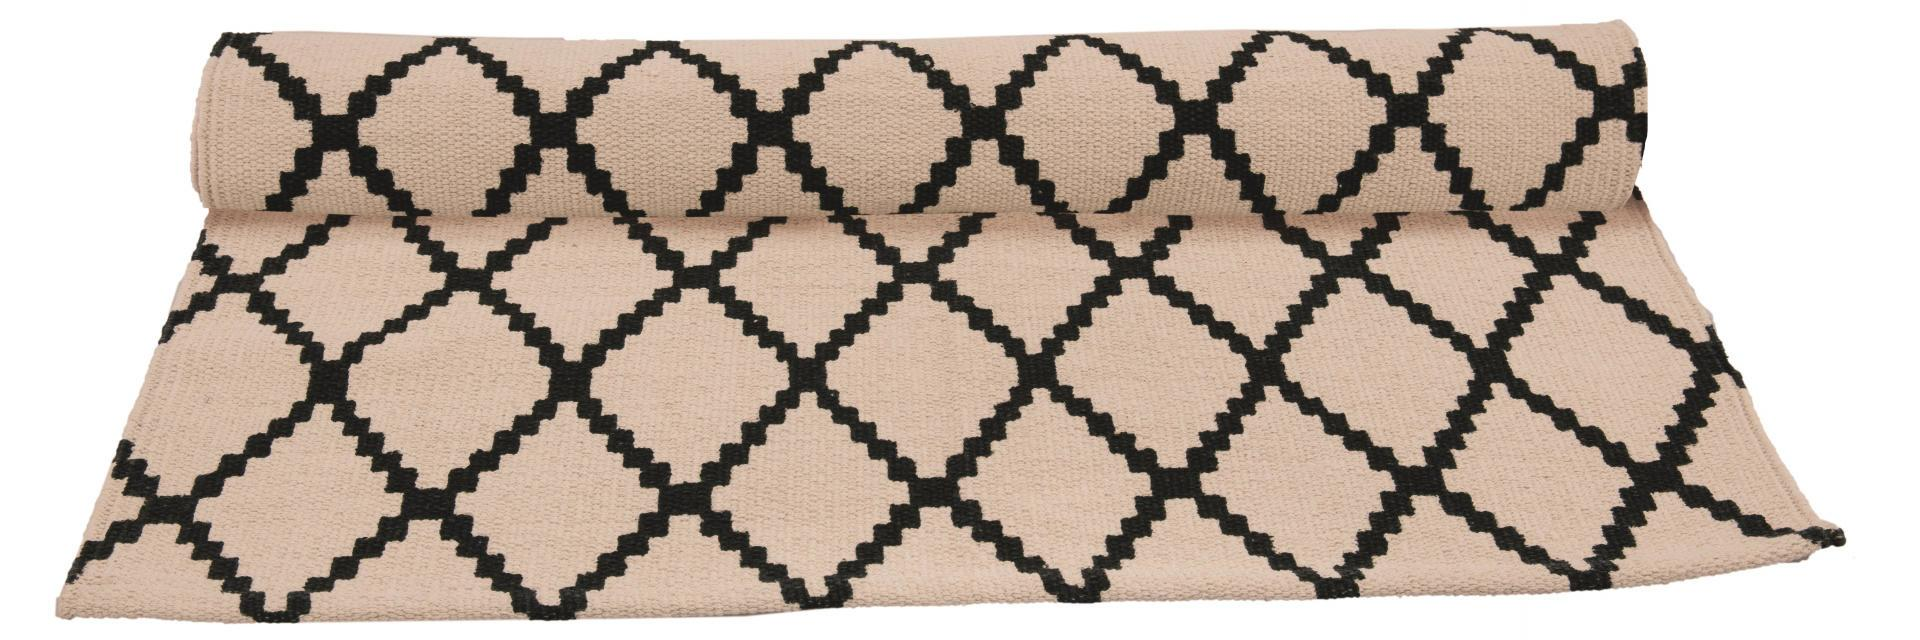 Blossom Bavlněný koberec Alice 70x200 cm, béžová barva, krémová barva, textil Krémová